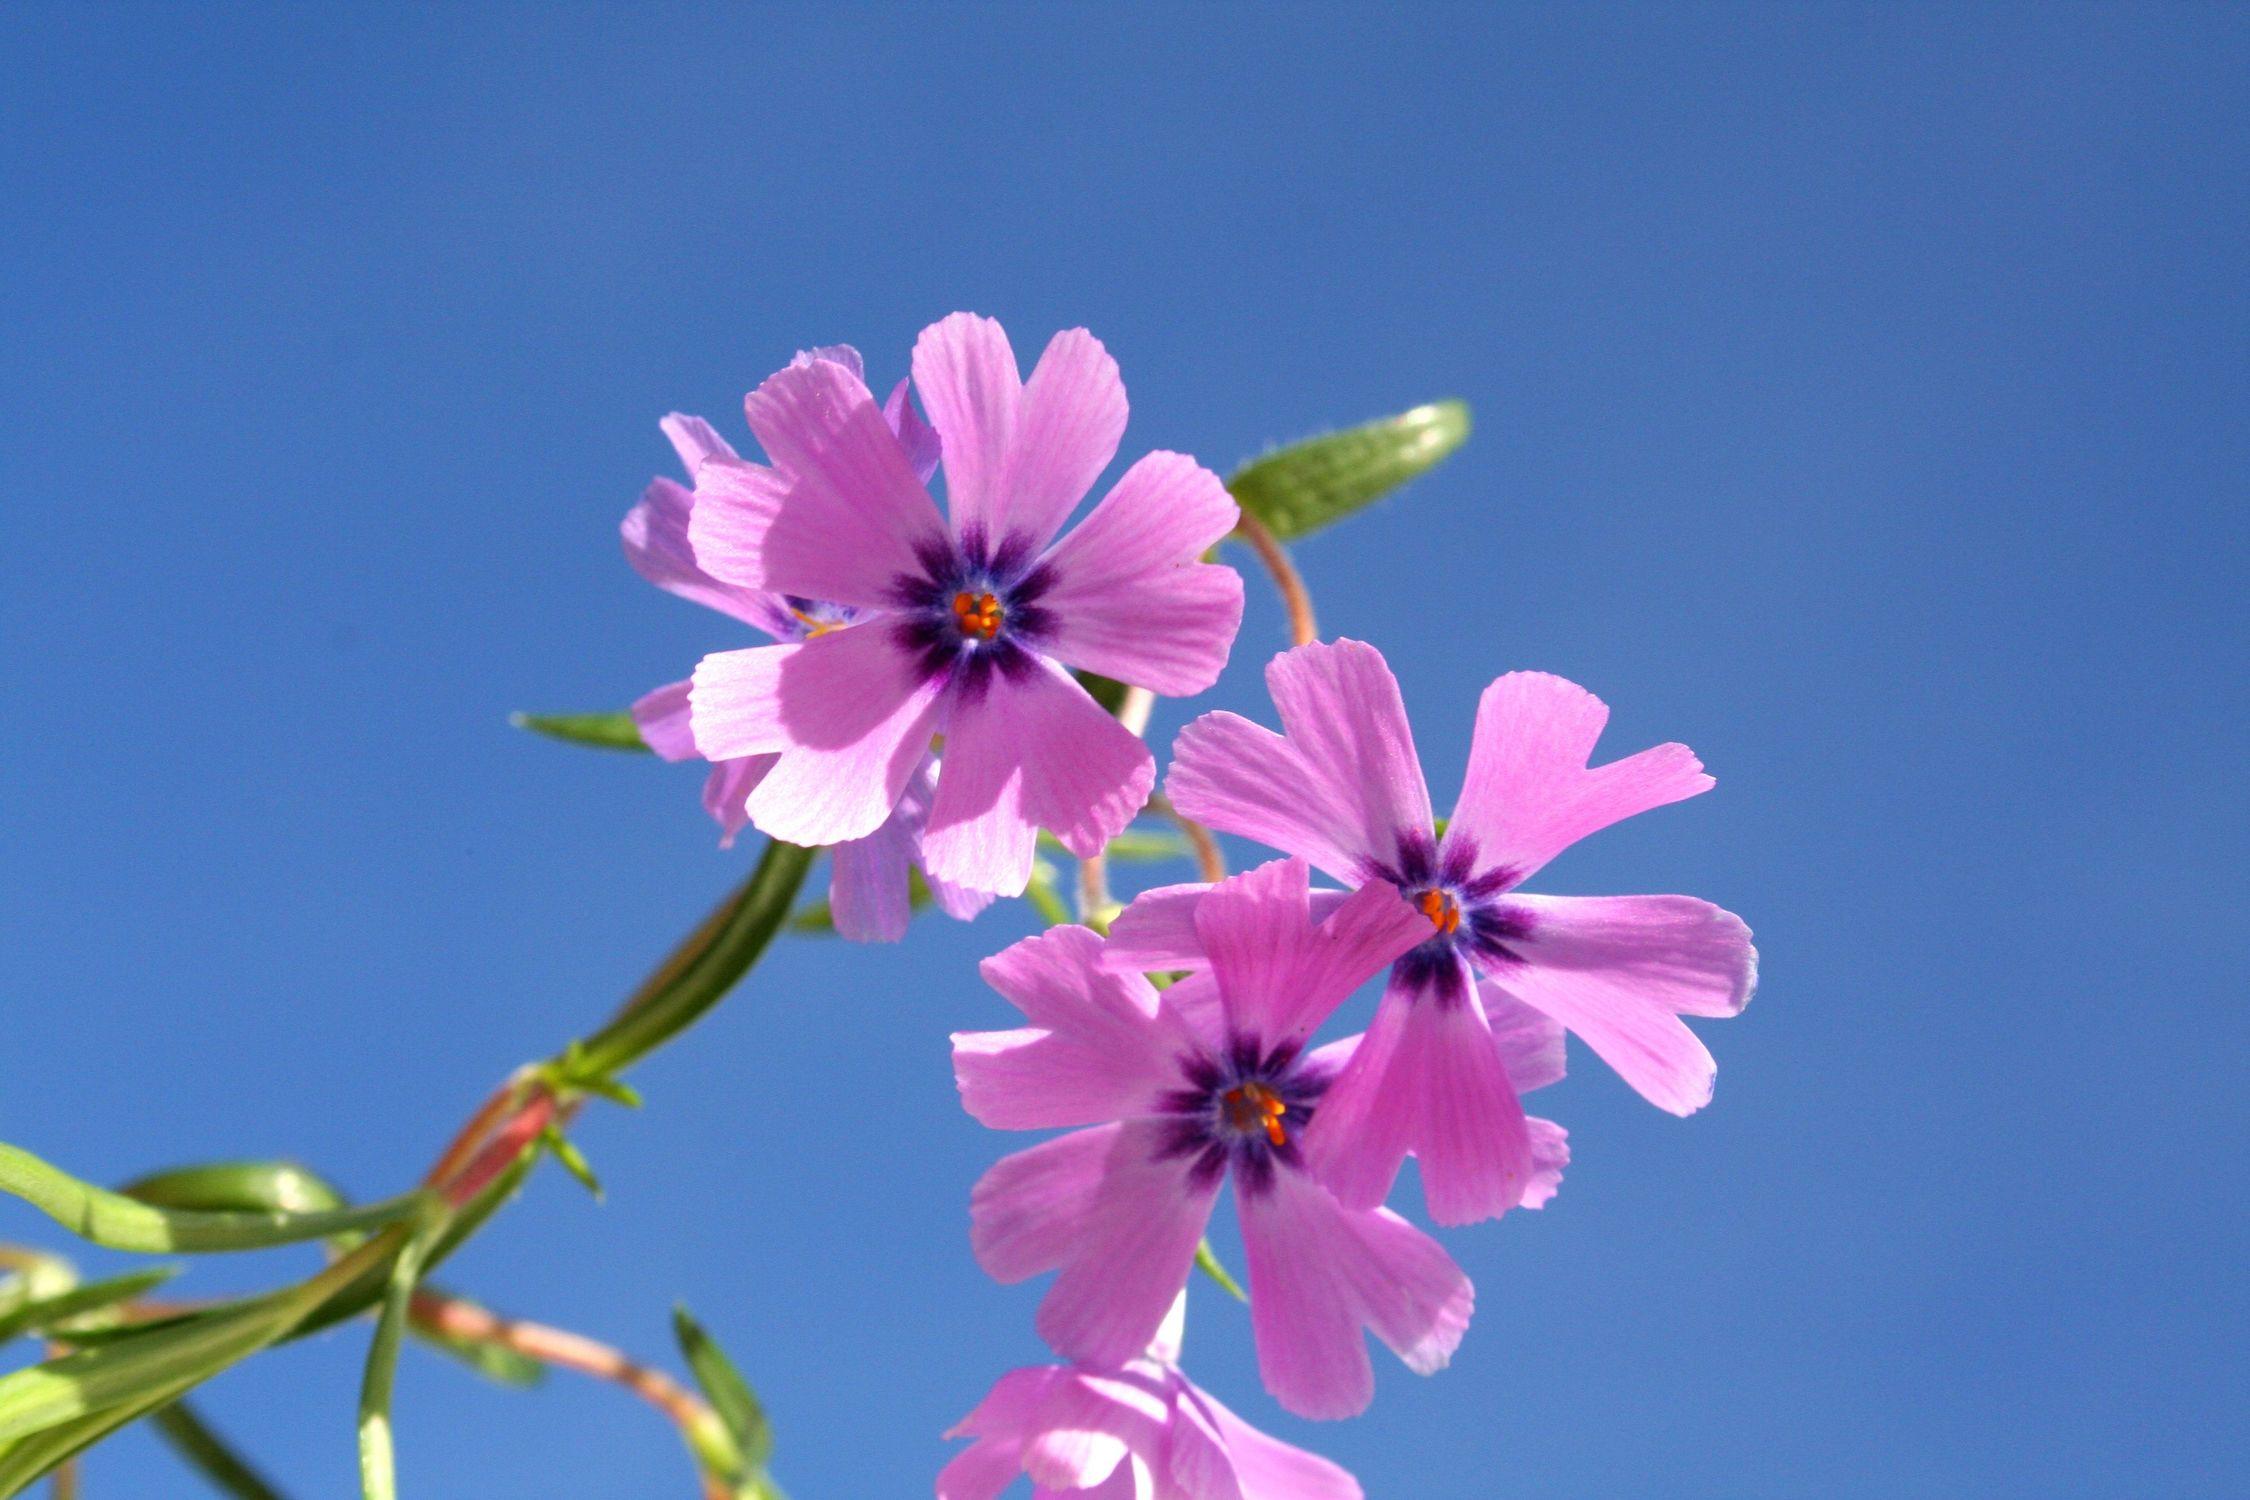 Bild mit Farben, Natur, Pflanzen, Himmel, Jahreszeiten, Blumen, Rosa, Frühling, Blume, Pflanze, Flower, sunshine